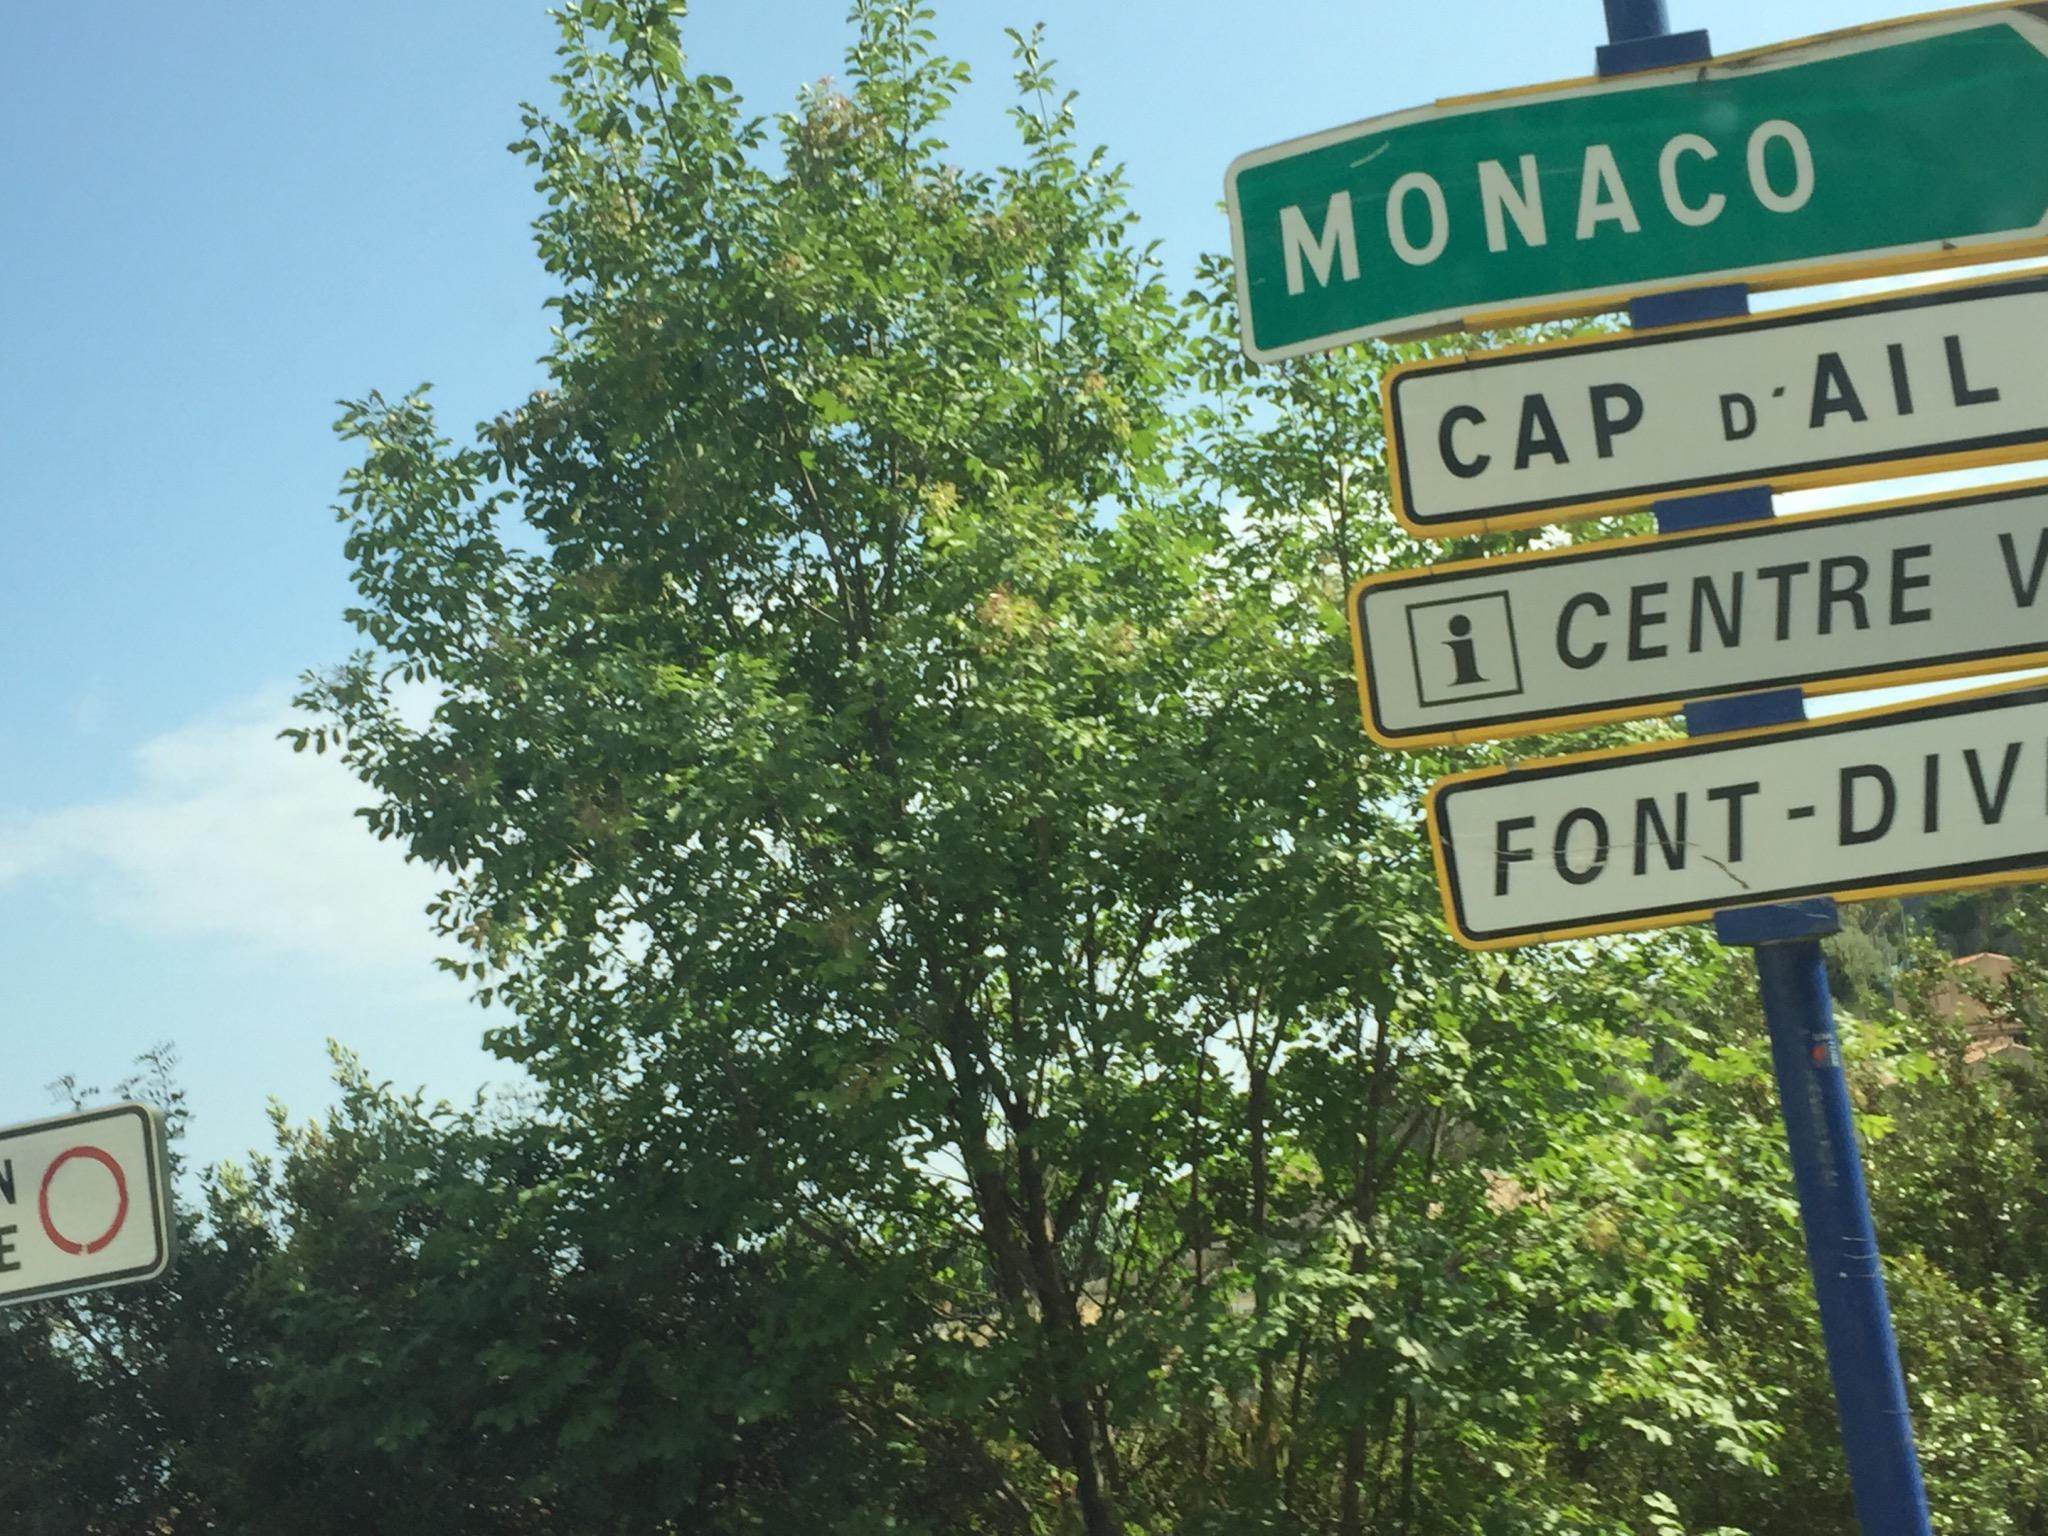 工場巡り @イタリア&モナコの写真